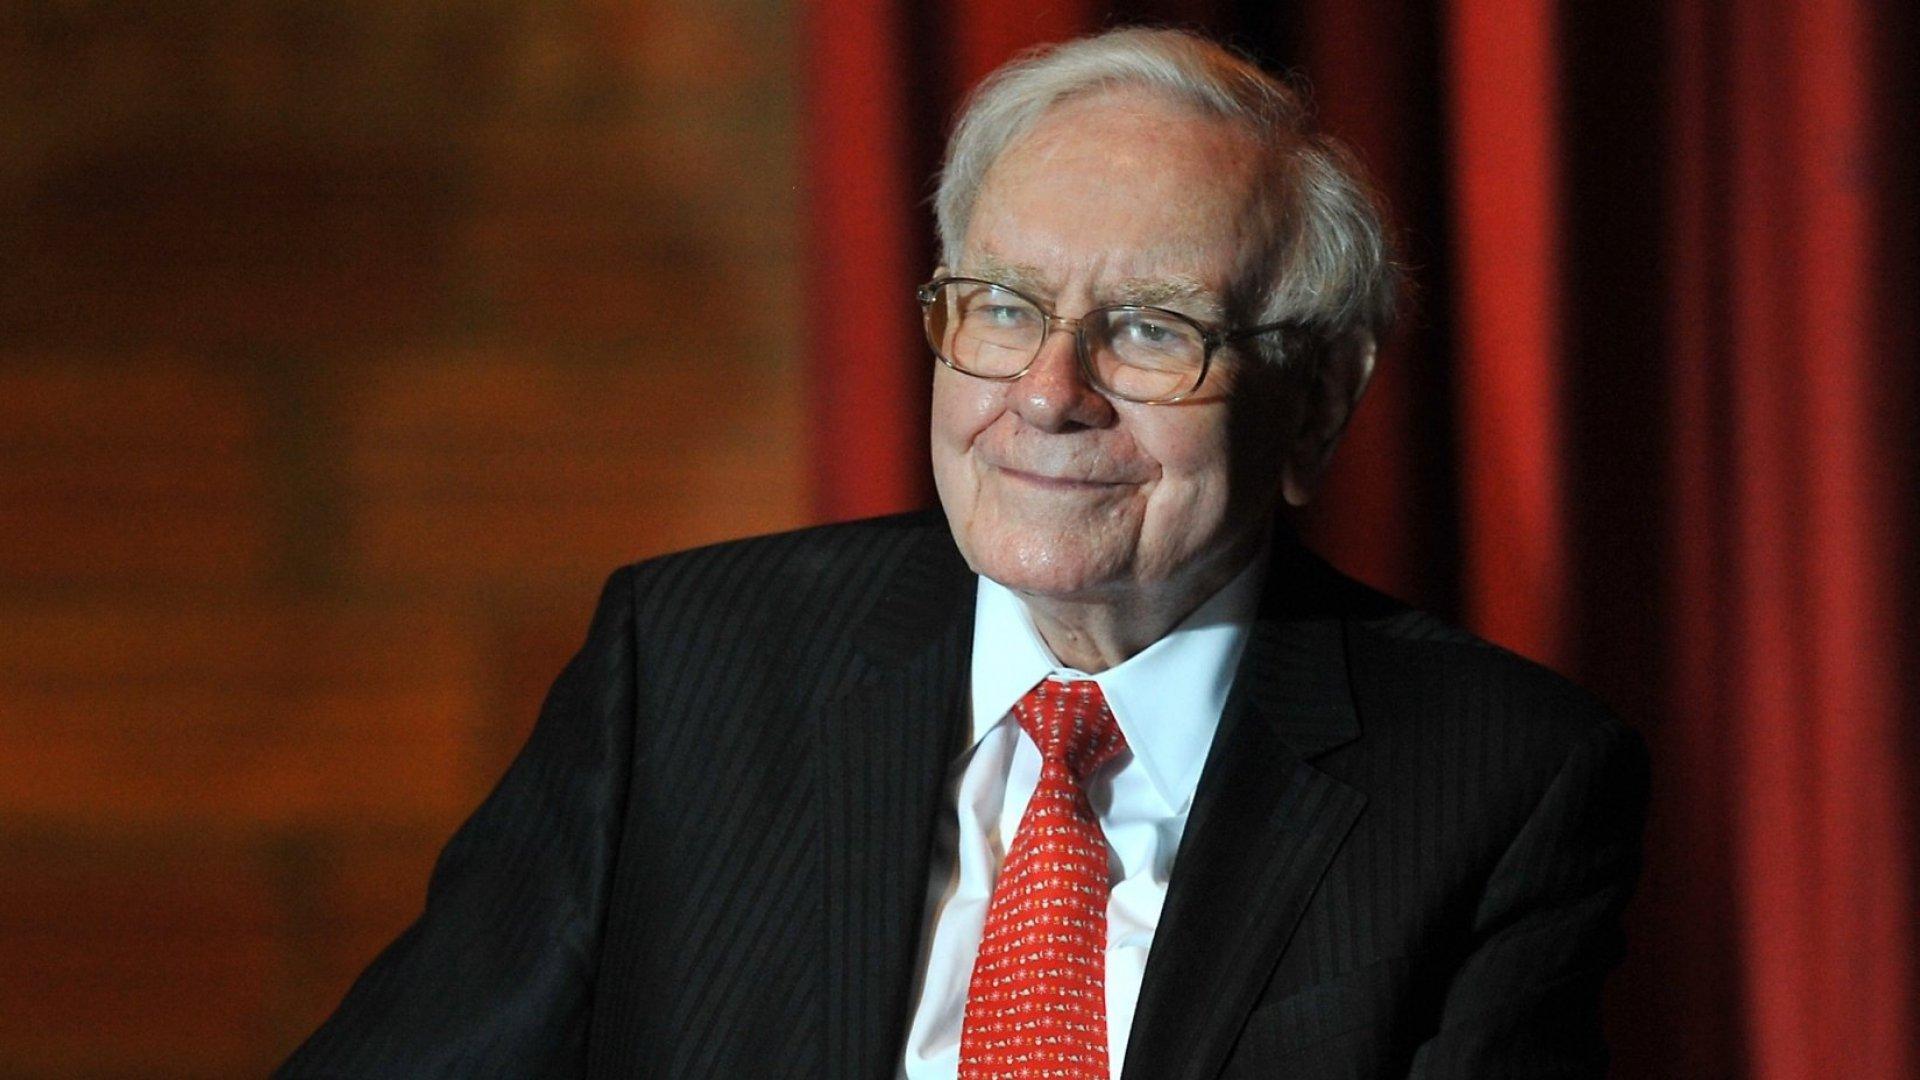 Billionaire businessman Warren Buffett.